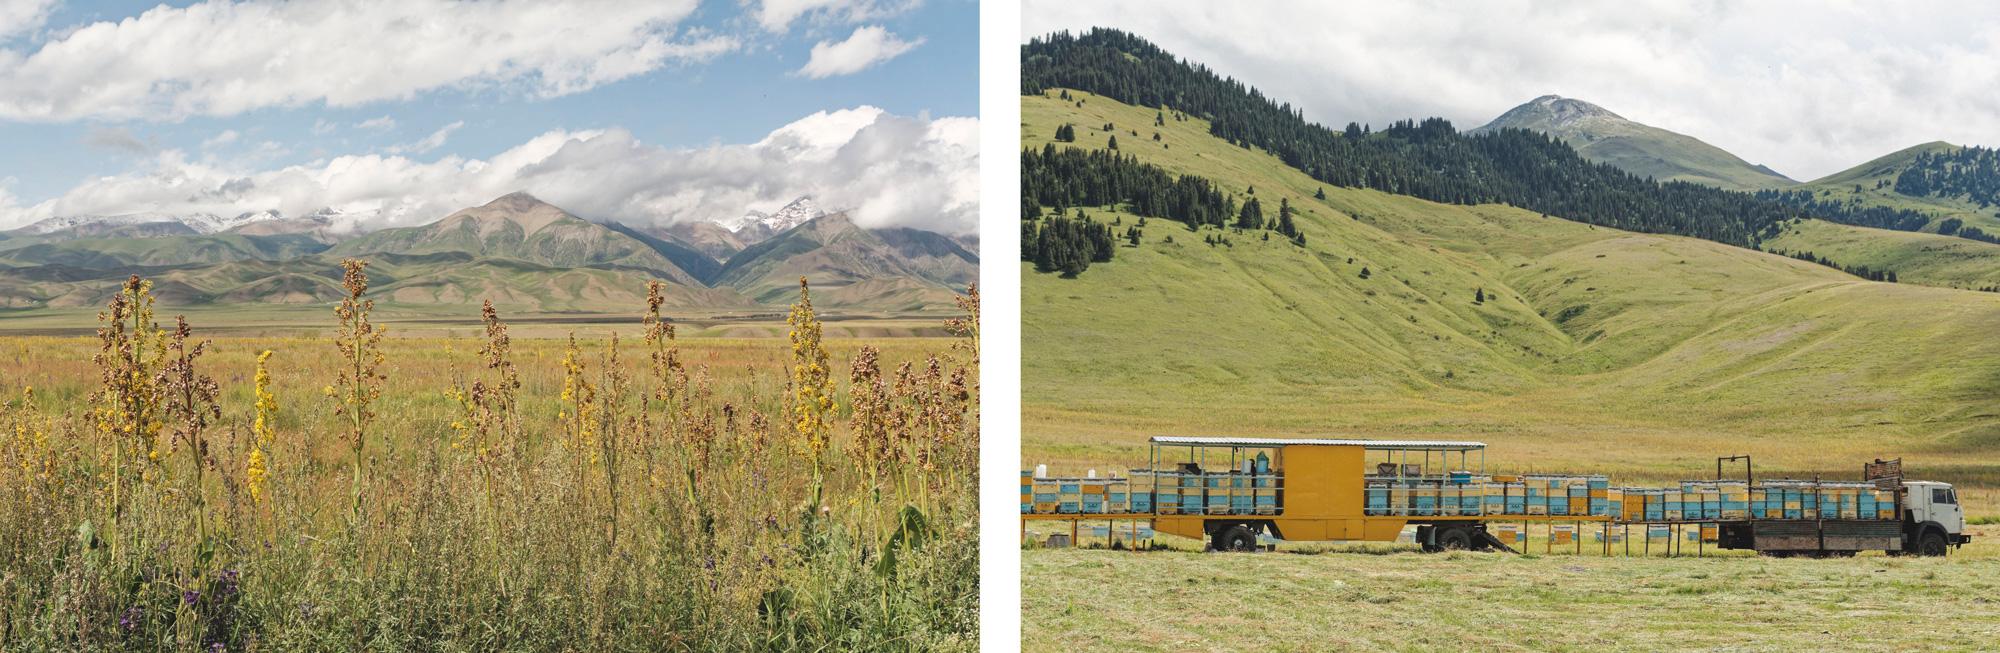 Fleurs et ruches Kirghizstan